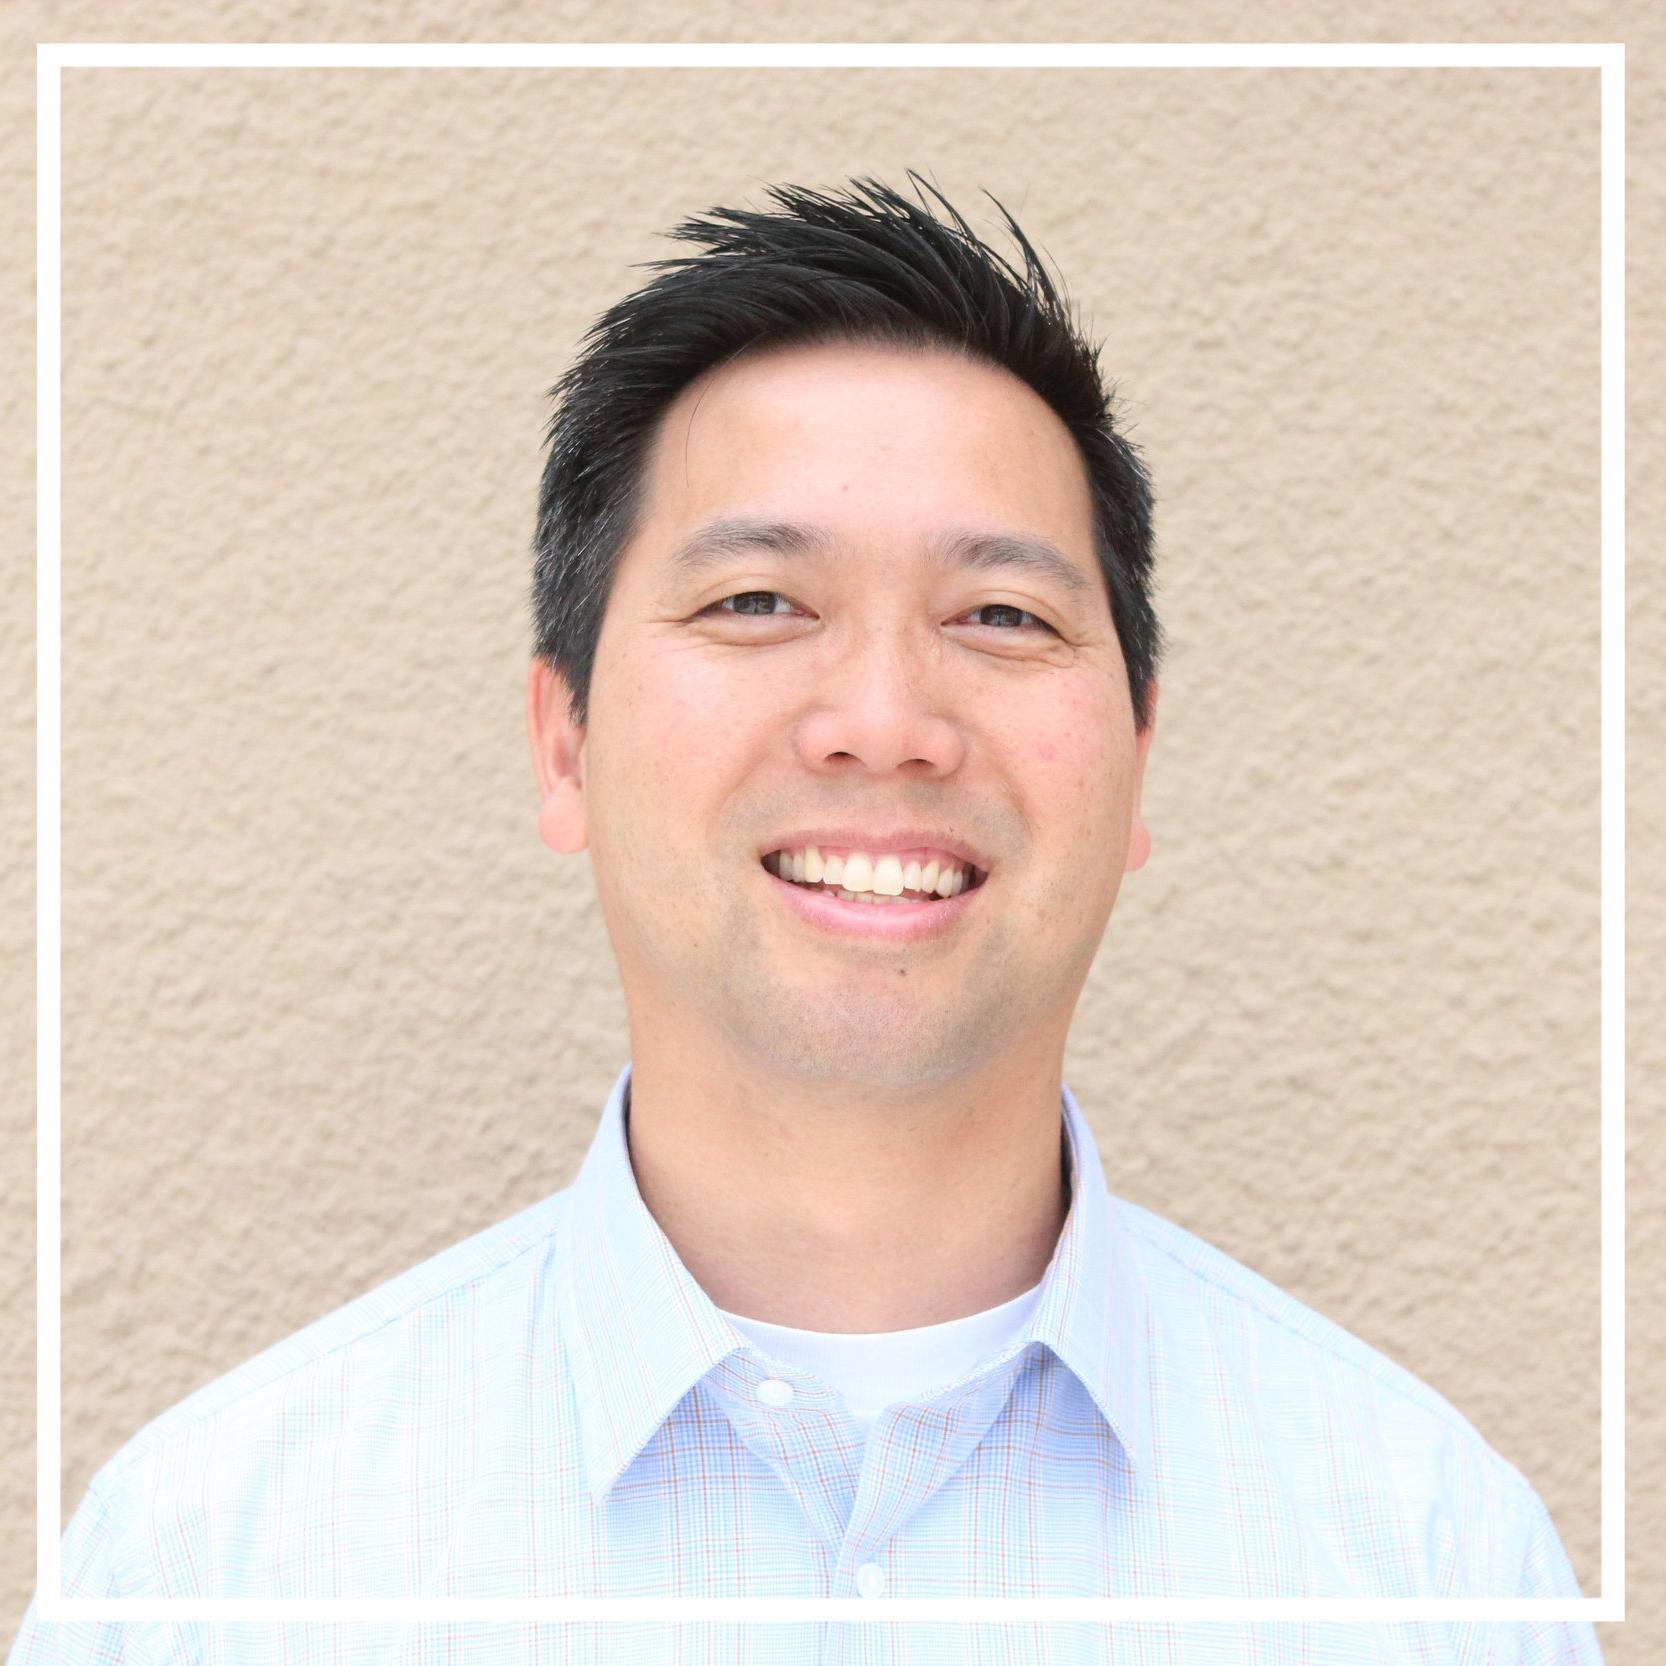 Jonathan Chun